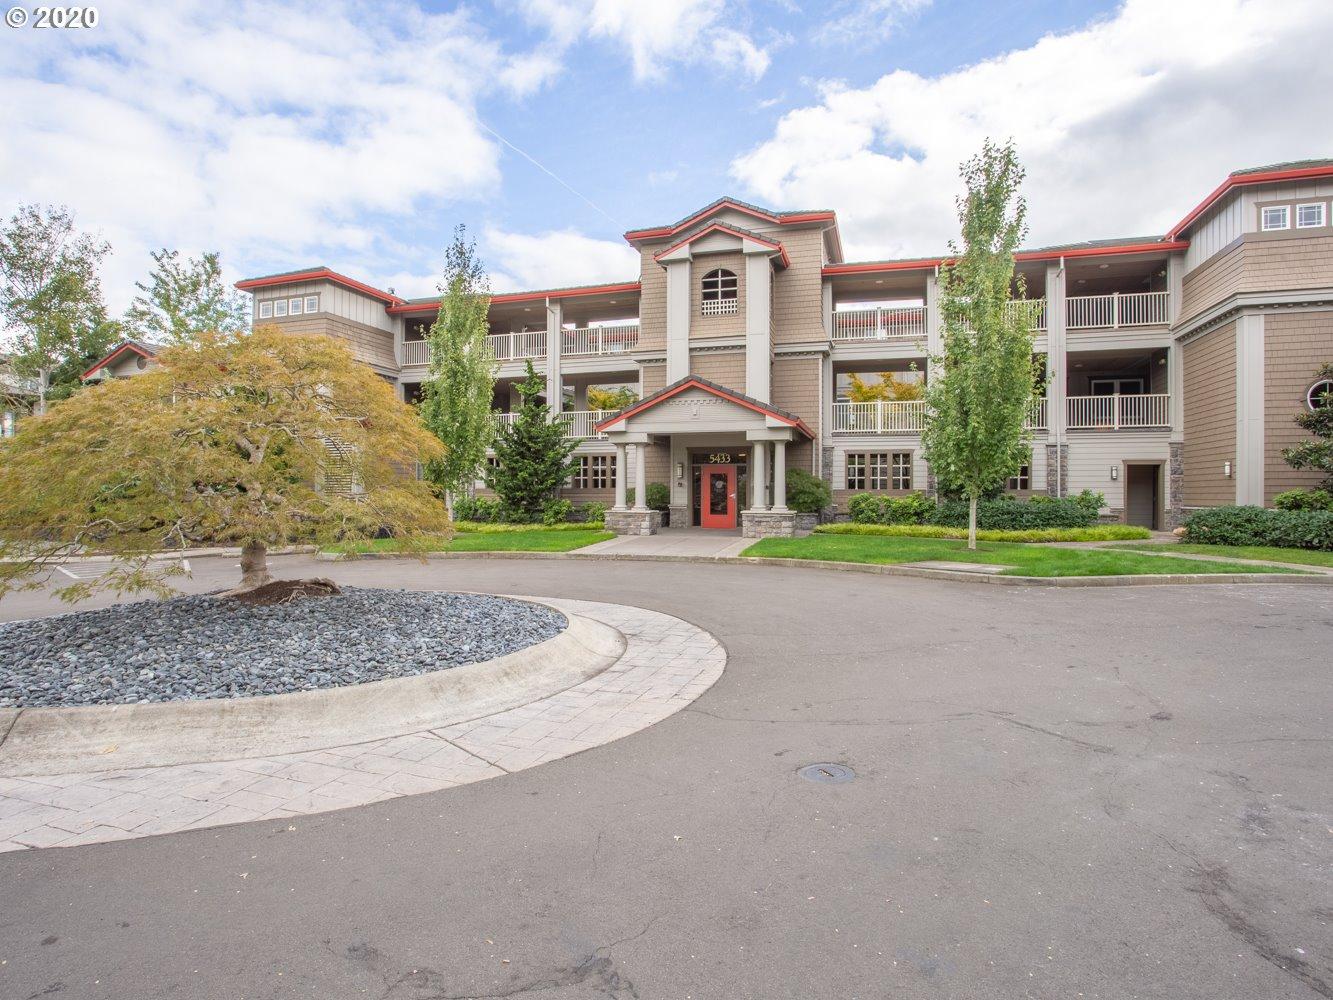 5433 SE Scenic Ln #204, Vancouver, WA 98661